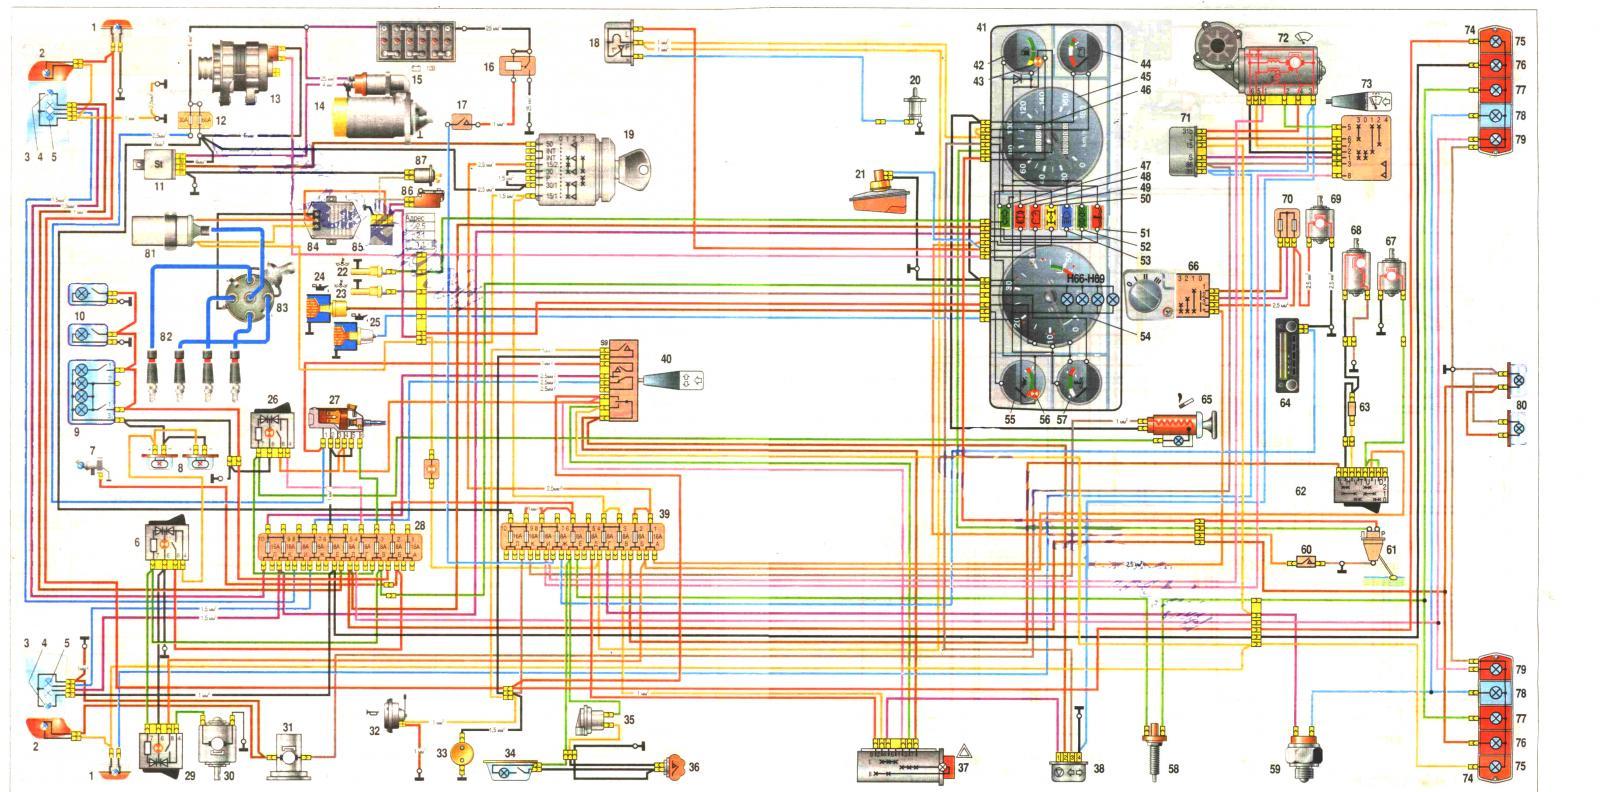 Газель умз 4216 схема электрическая принципиальная